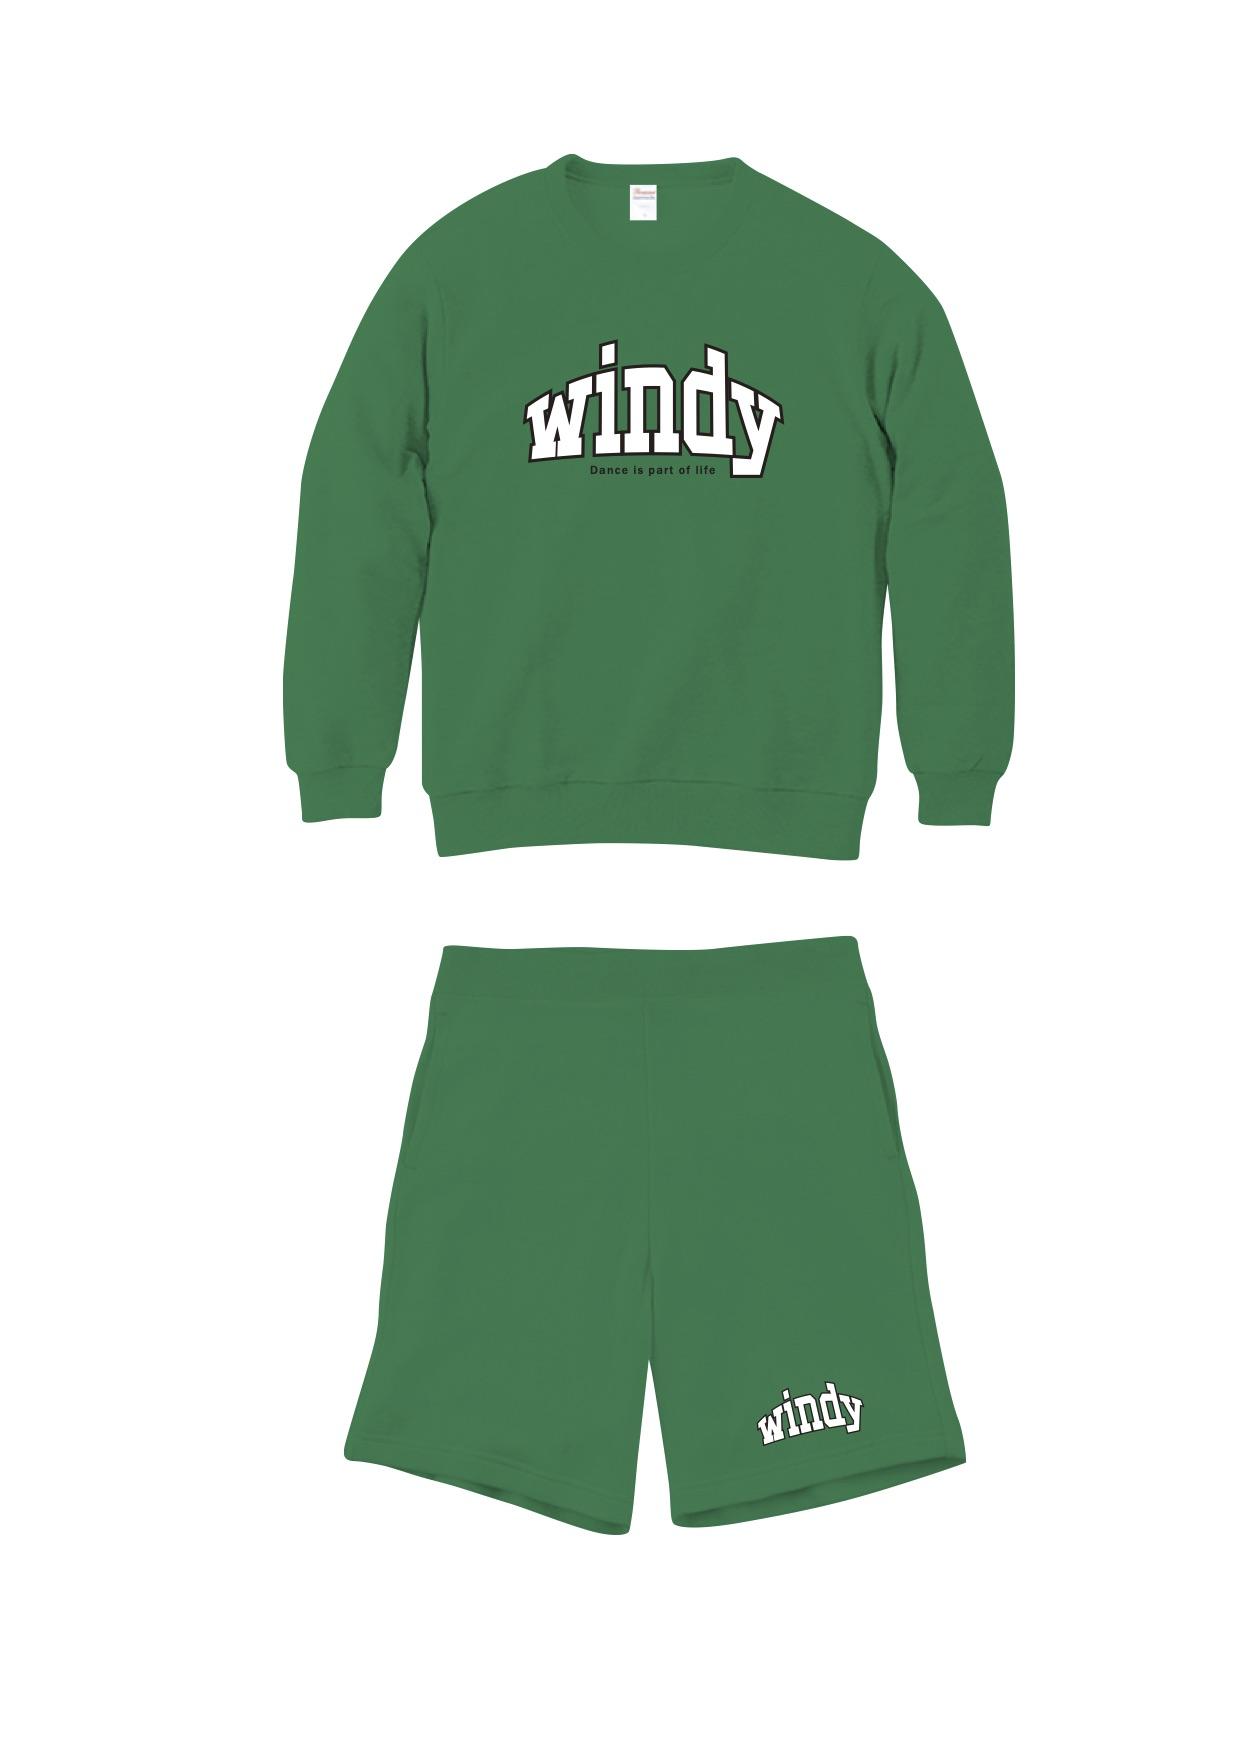 windy202003